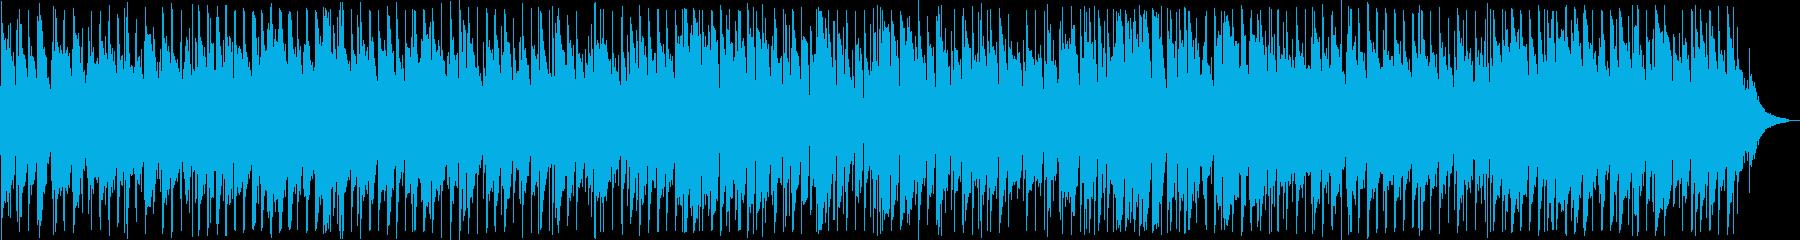 渋い感じのアコギのスローなブルースの再生済みの波形